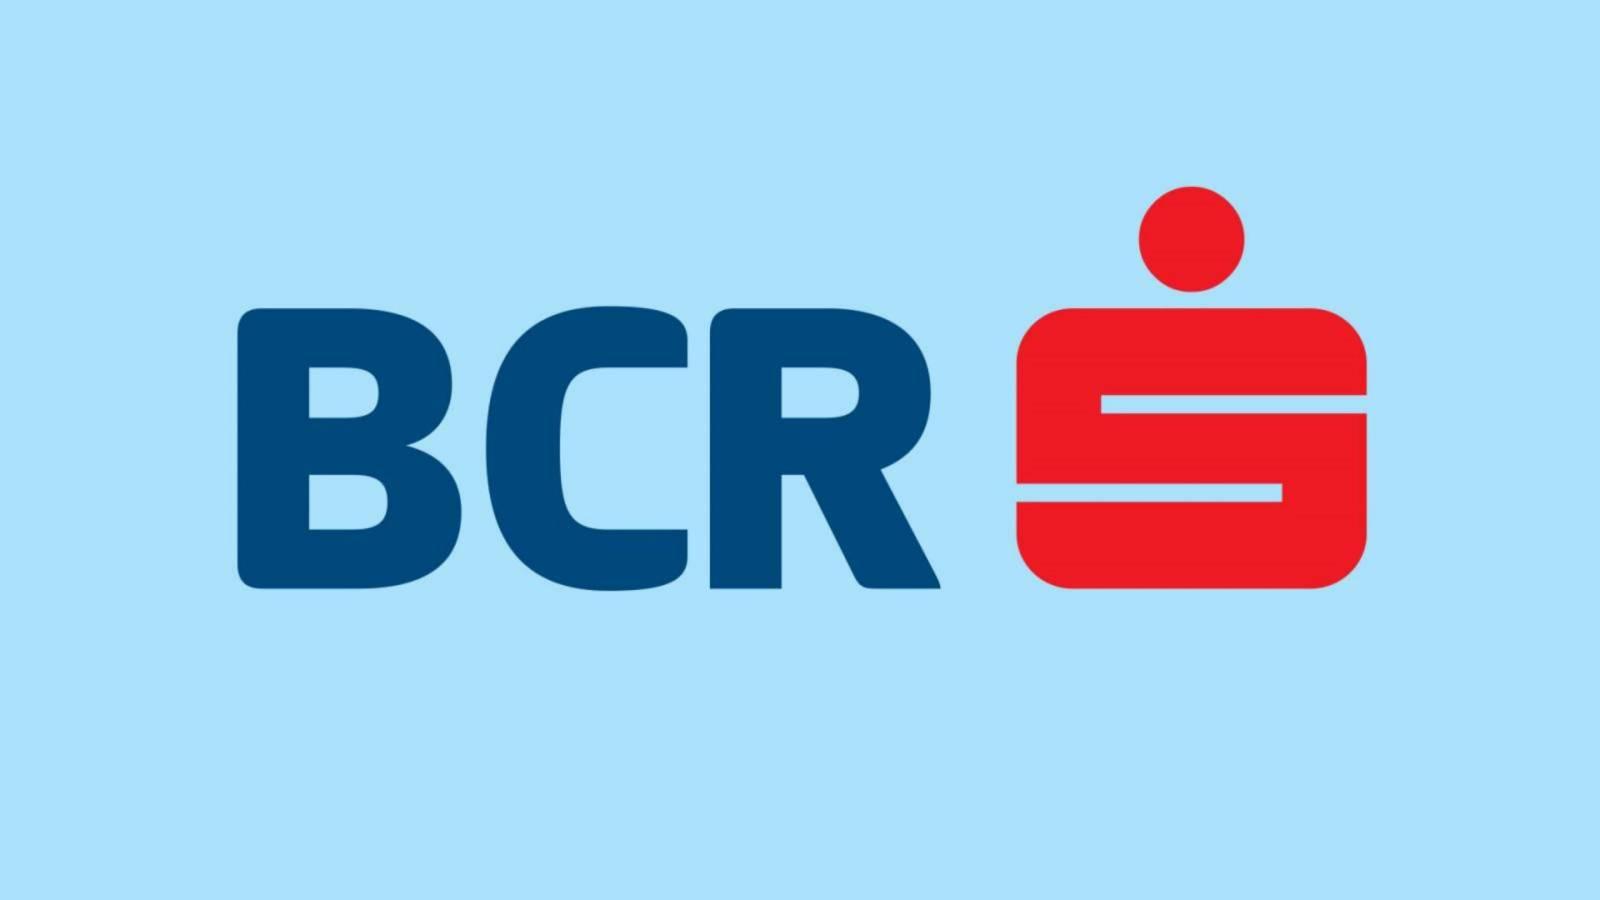 BCR Romania noroc